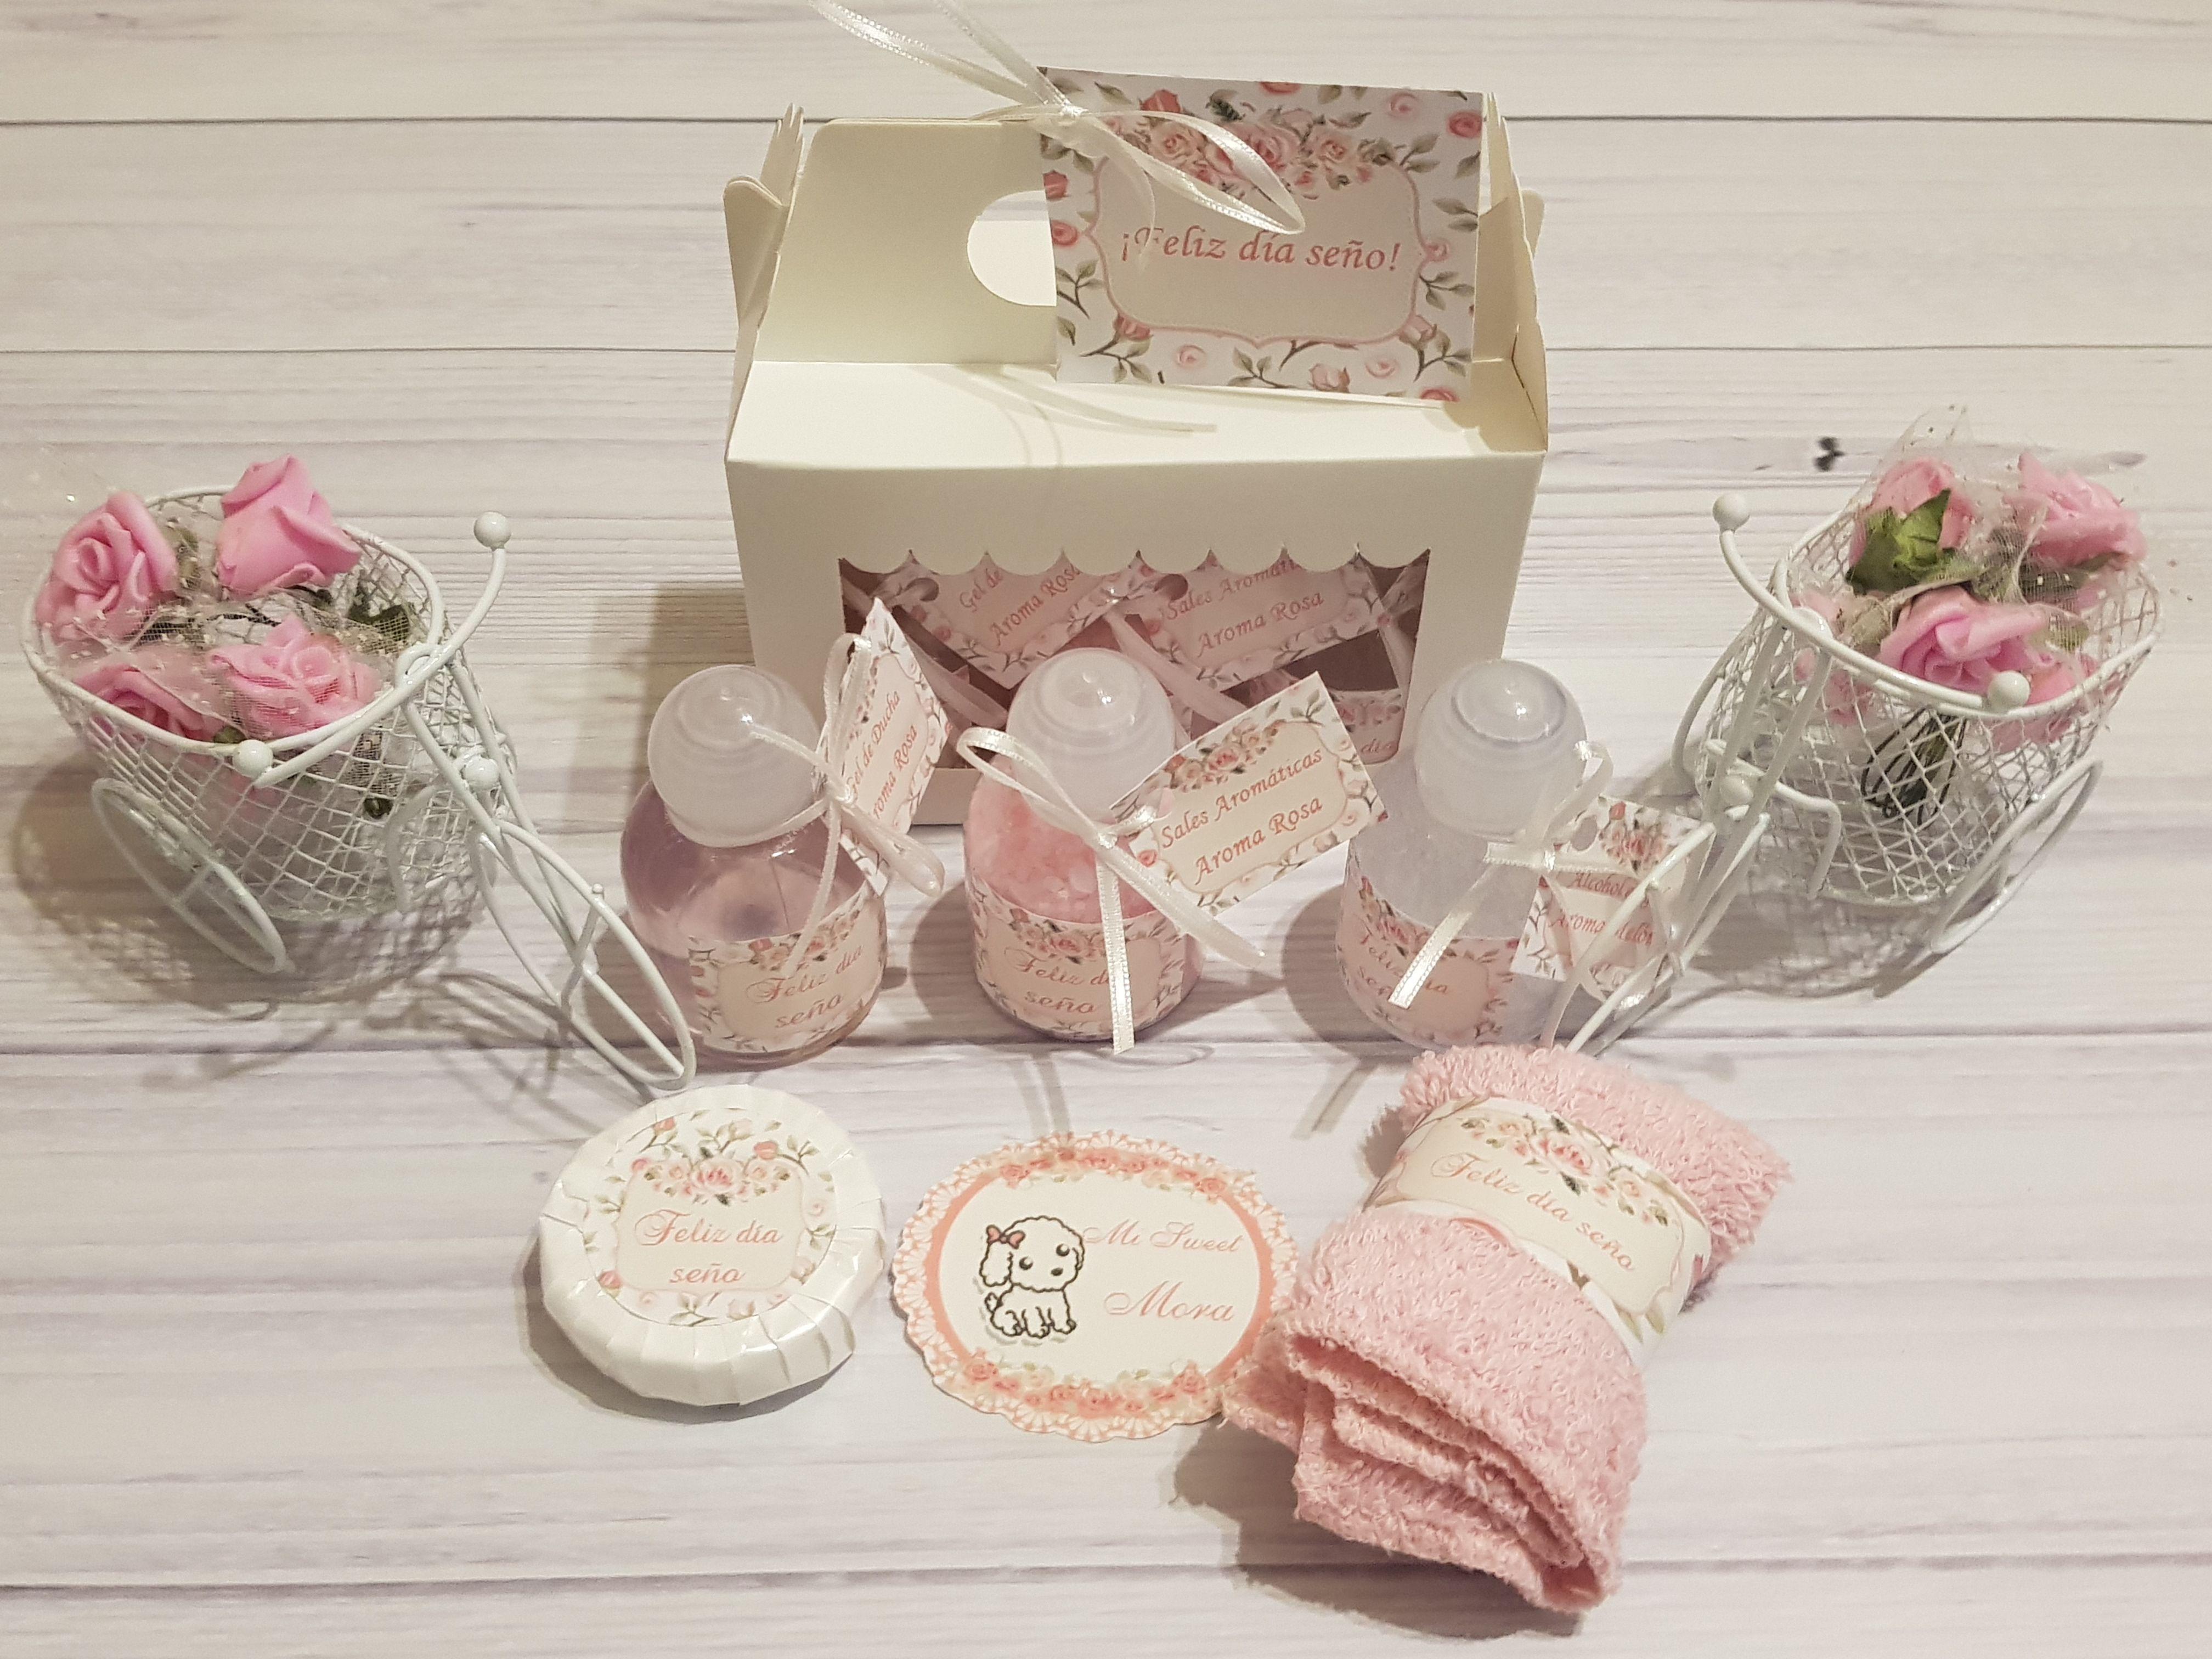 set de spa en caja regalo dia del maestro #diadelmaestro set de spa en caja regalo original dia del maestro #diadelmaestro